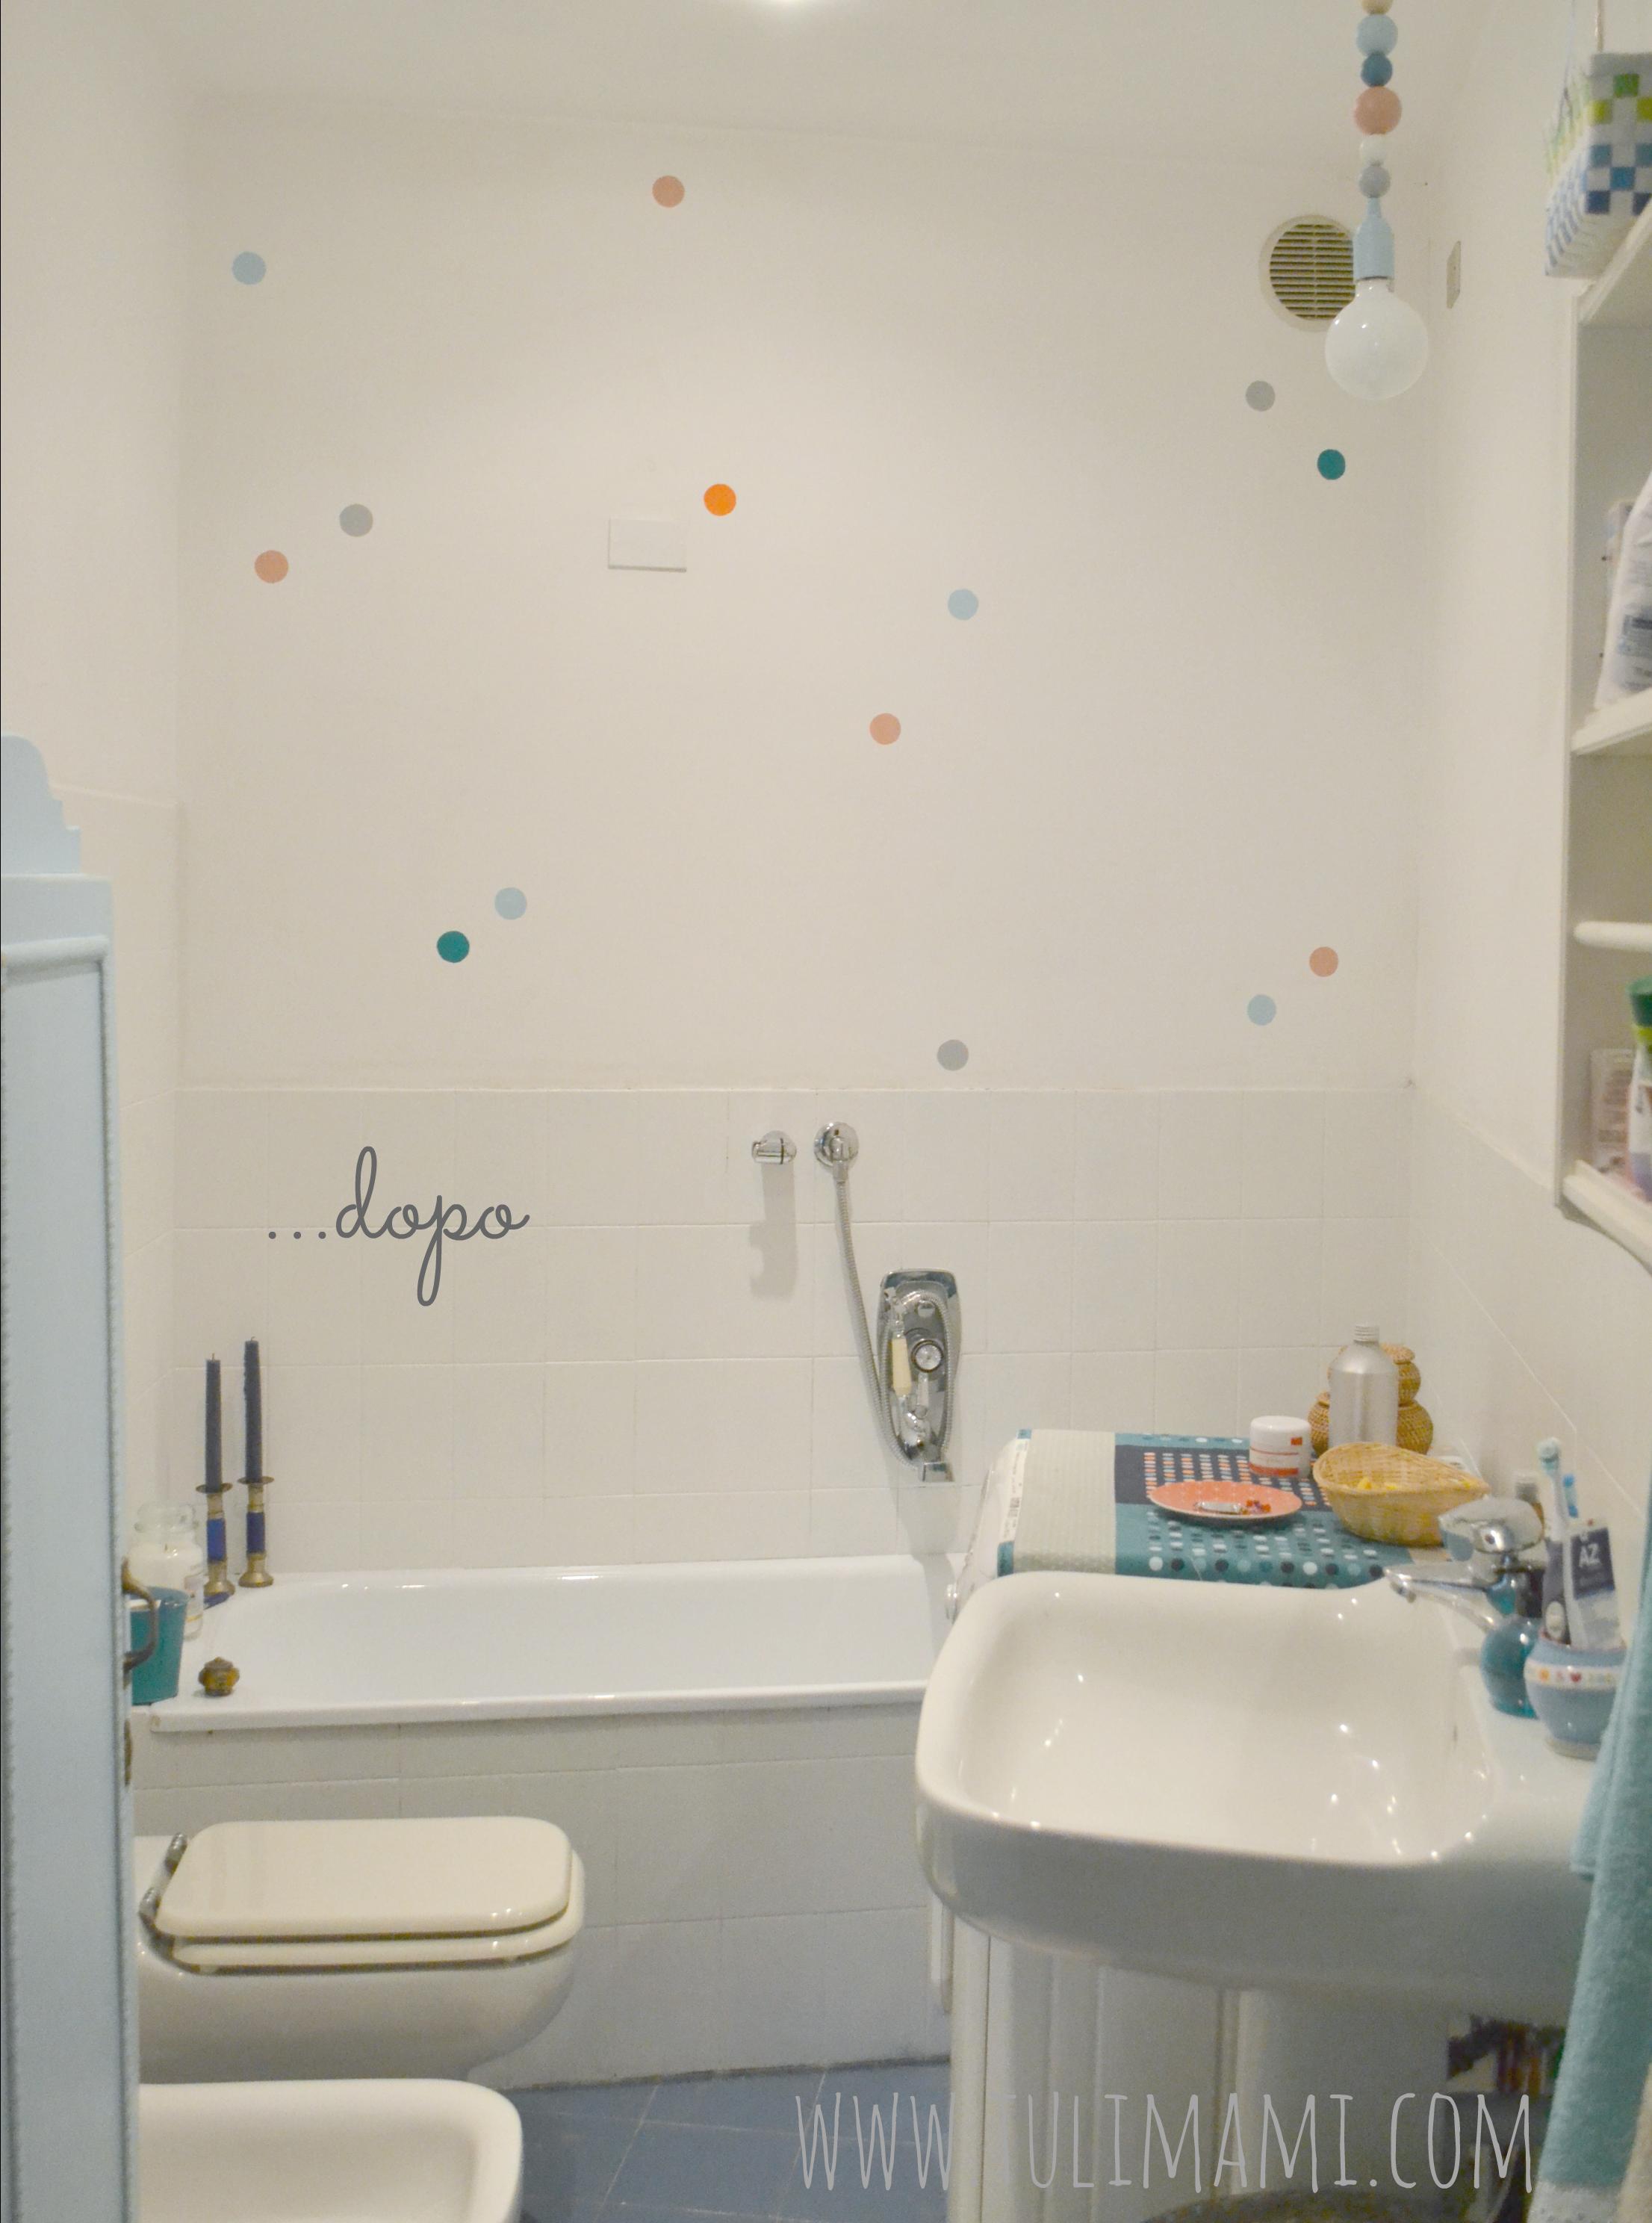 Il bagno ex brutto tulimami - Idee per rivestire un bagno ...